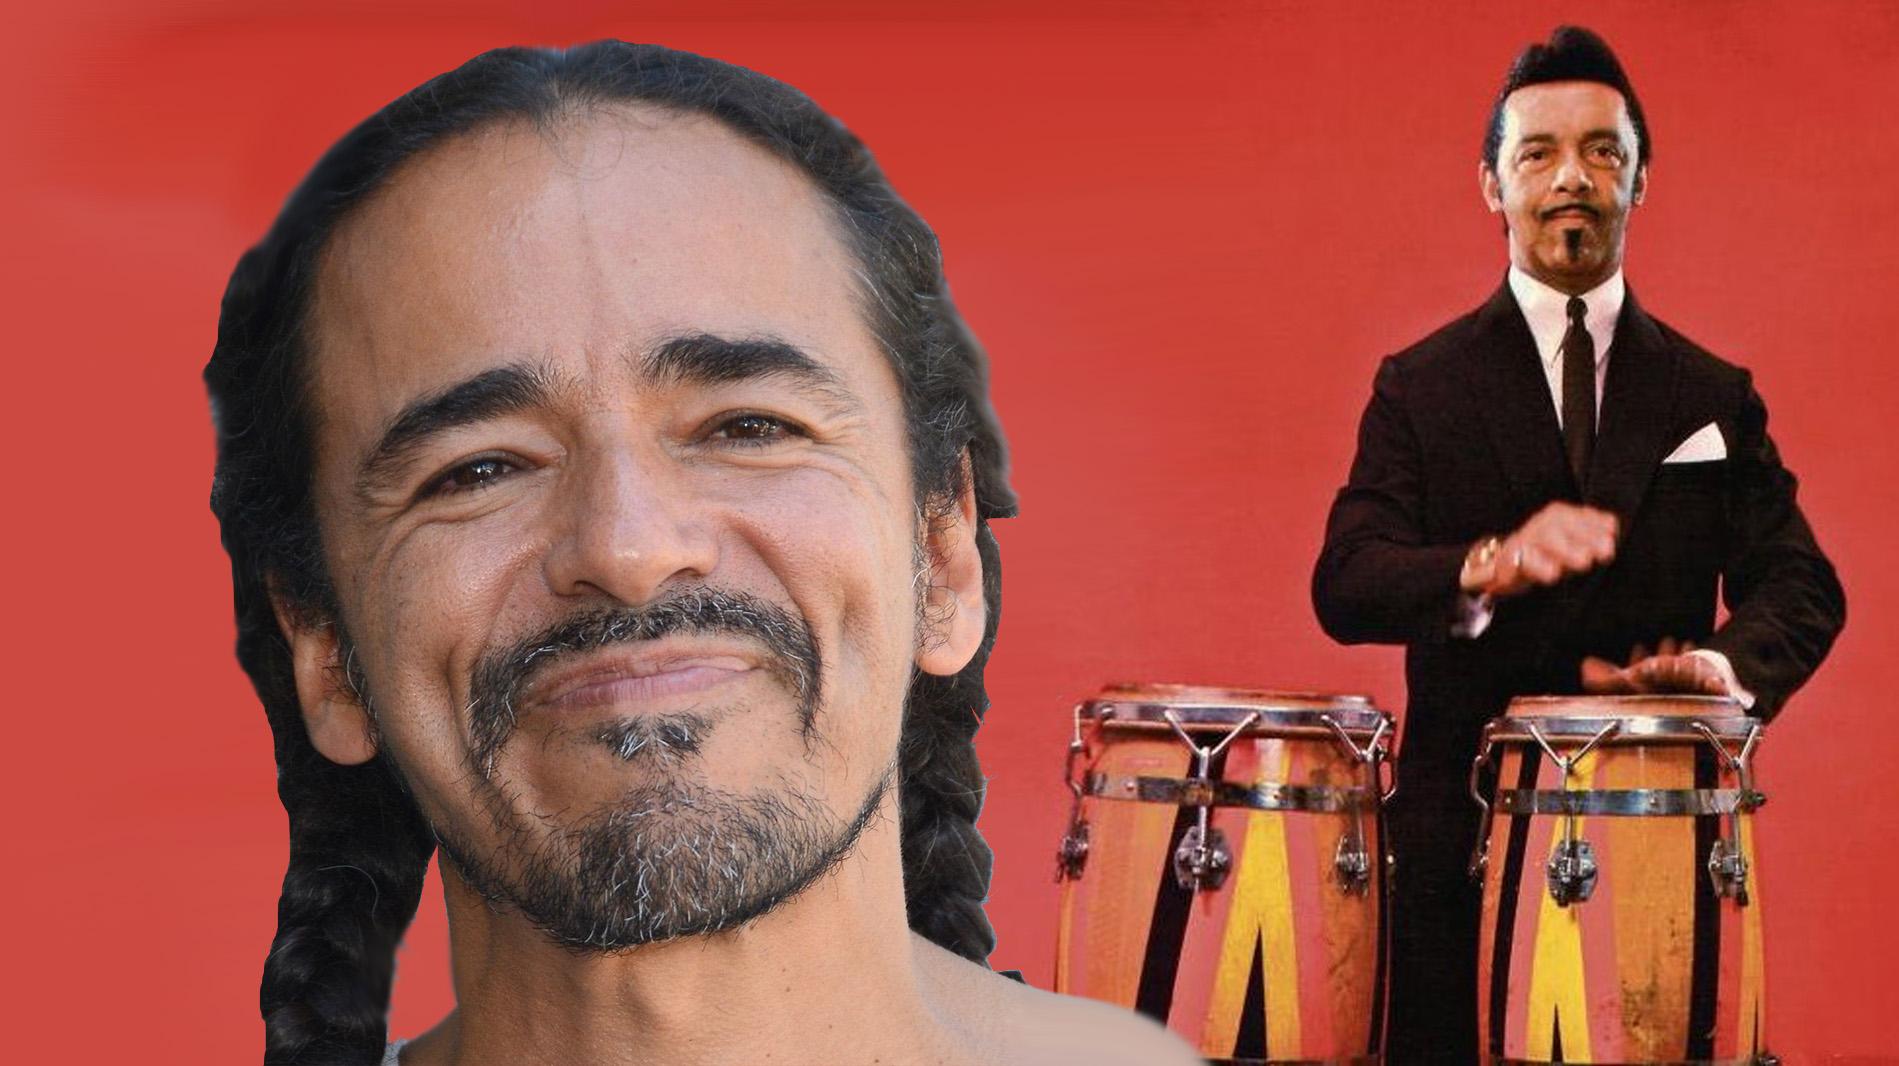 Rubén Albarrán y Pérez Prado